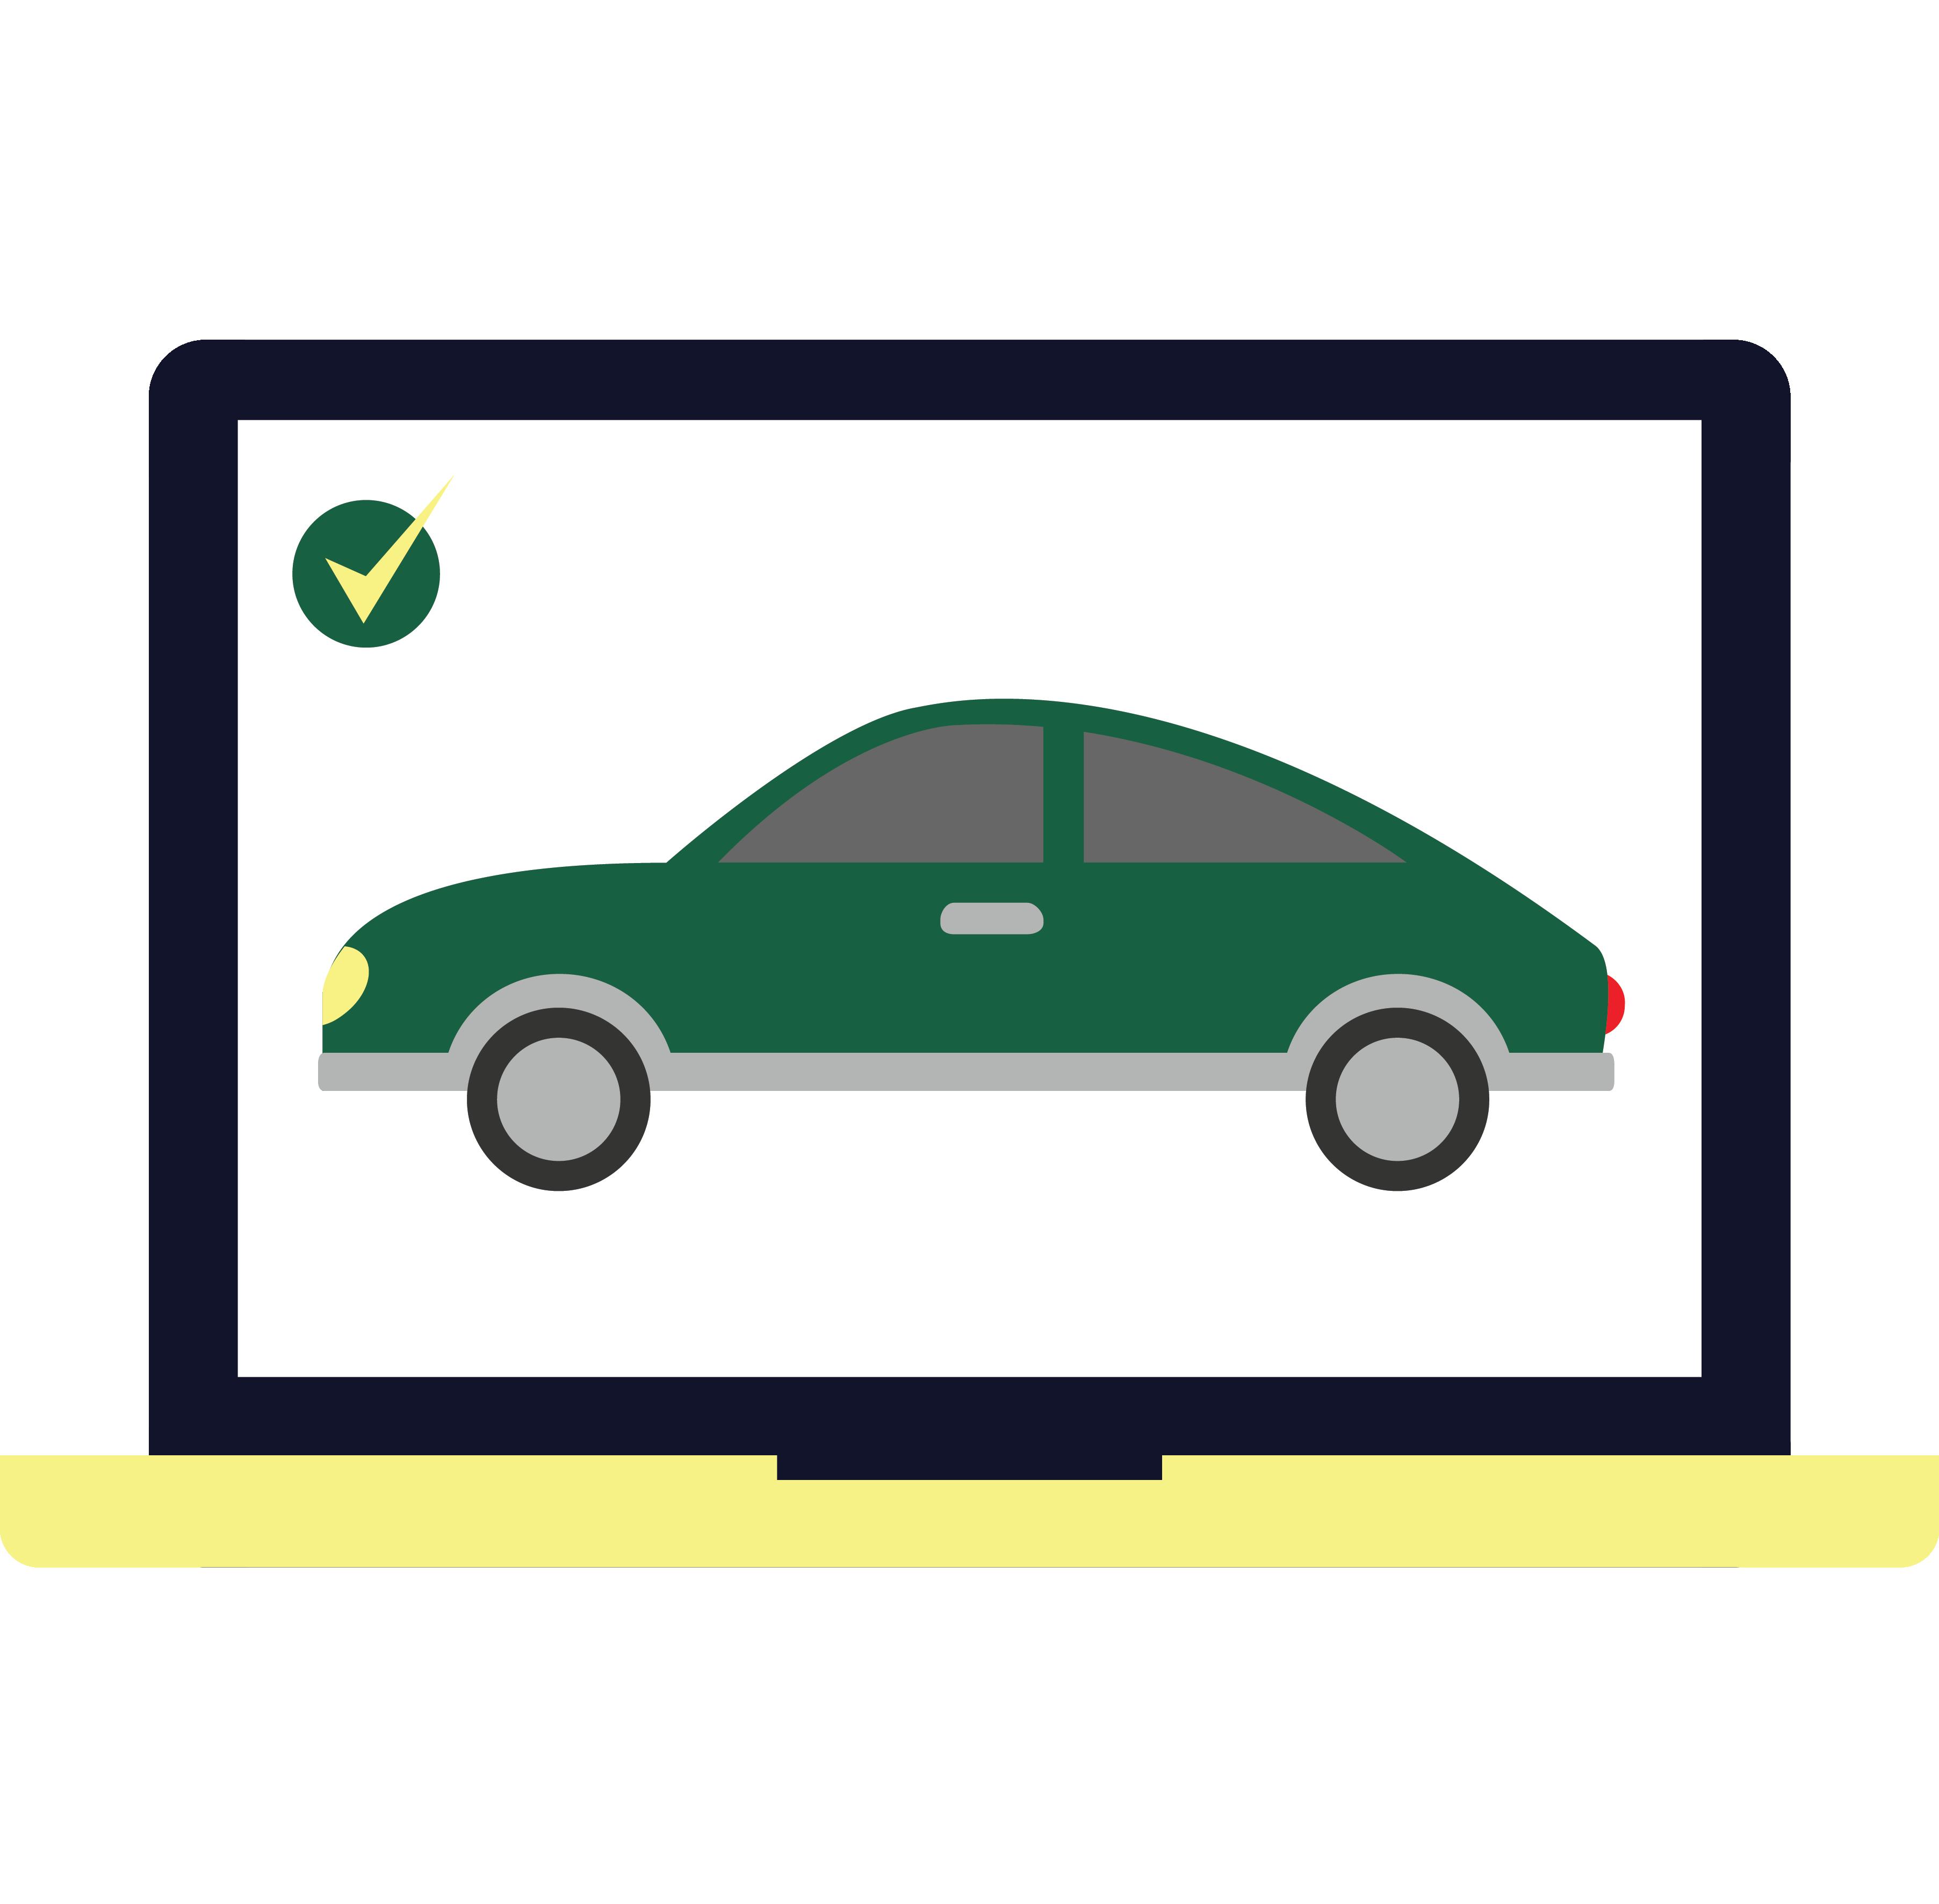 خدمة مسارات وتاجير المركبات